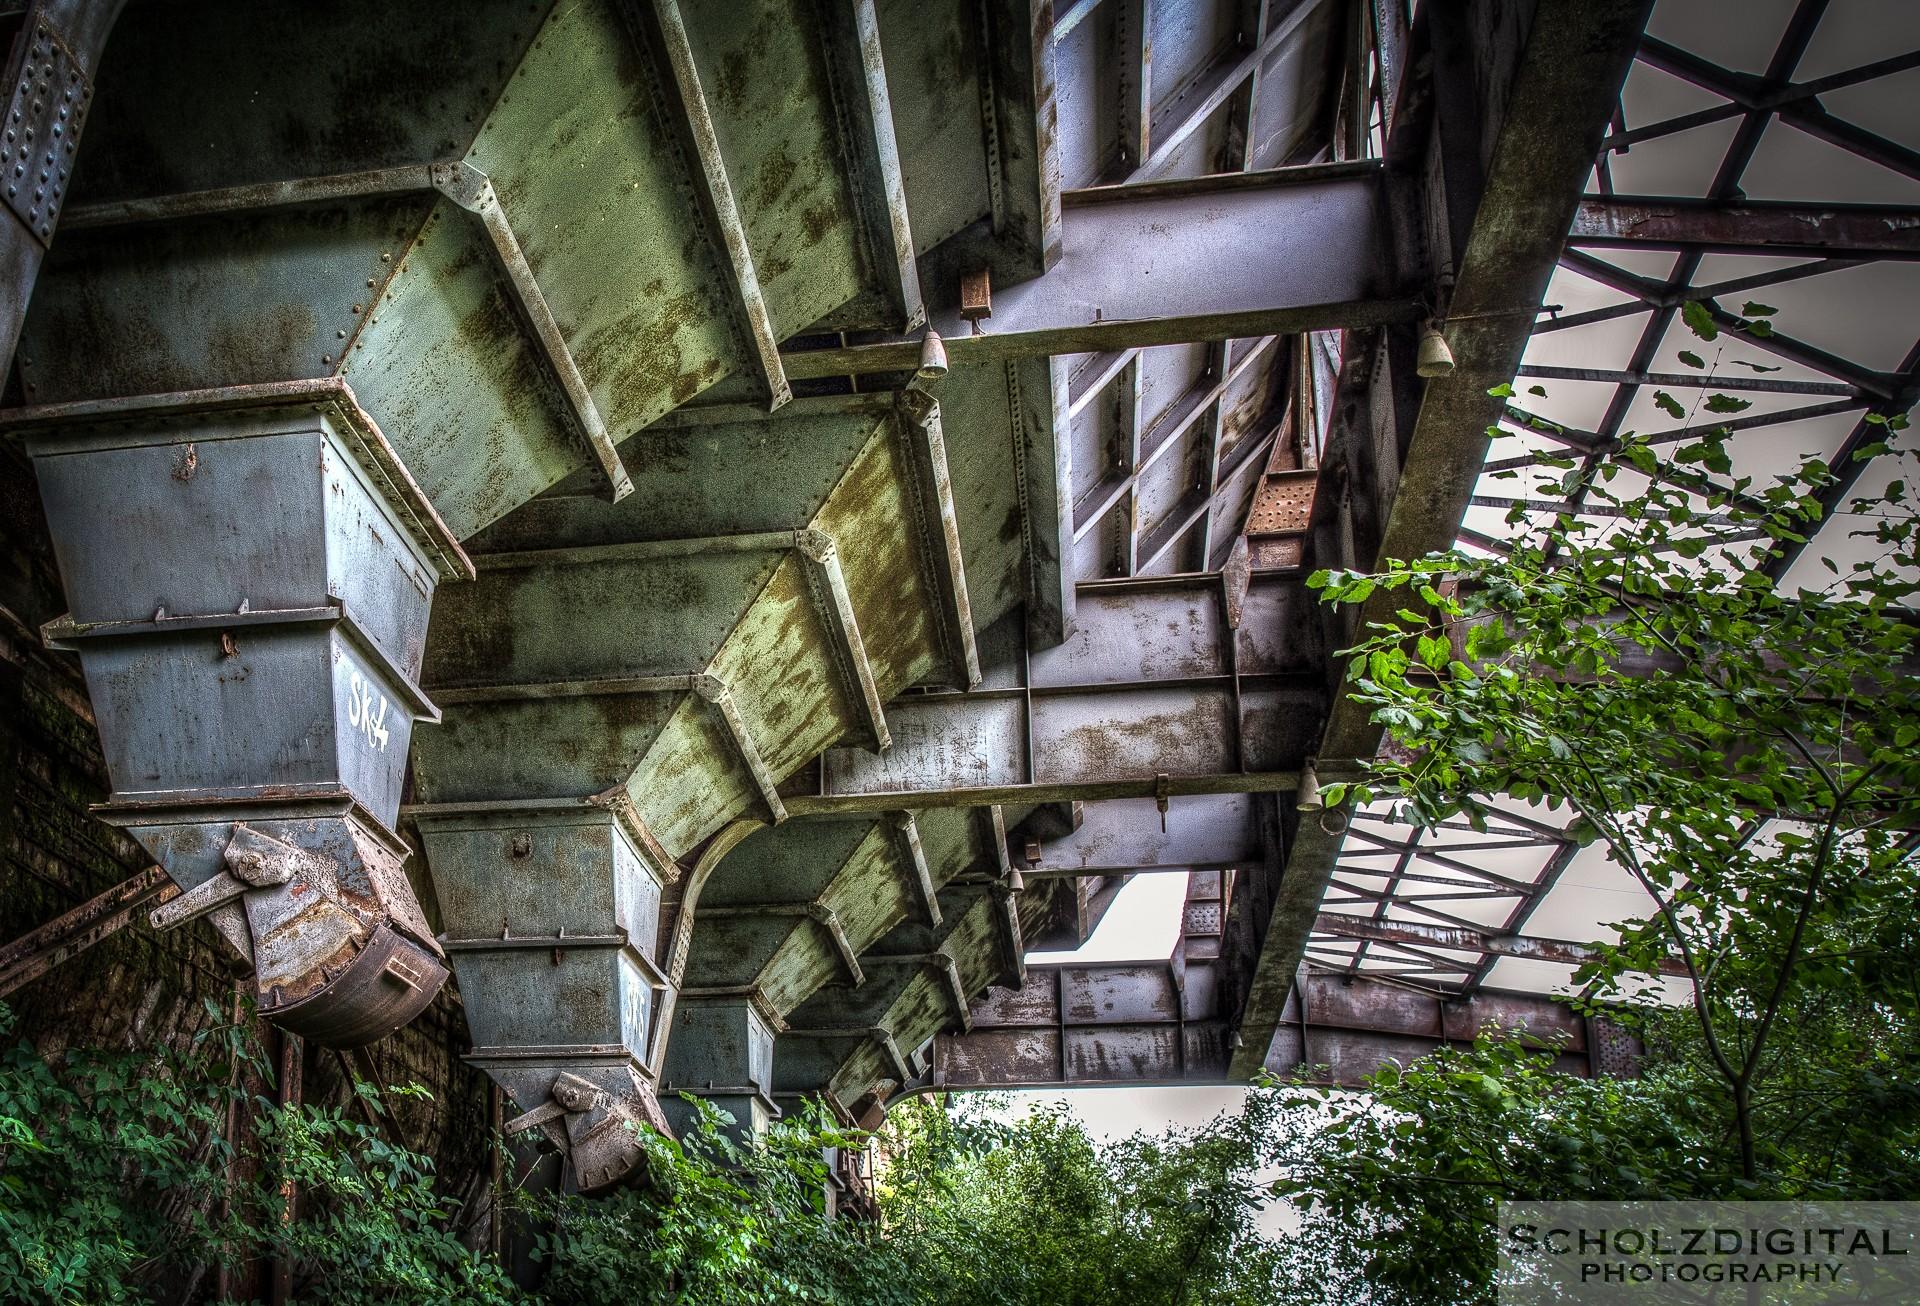 Verlassene Industrieanlage in Luxemburg